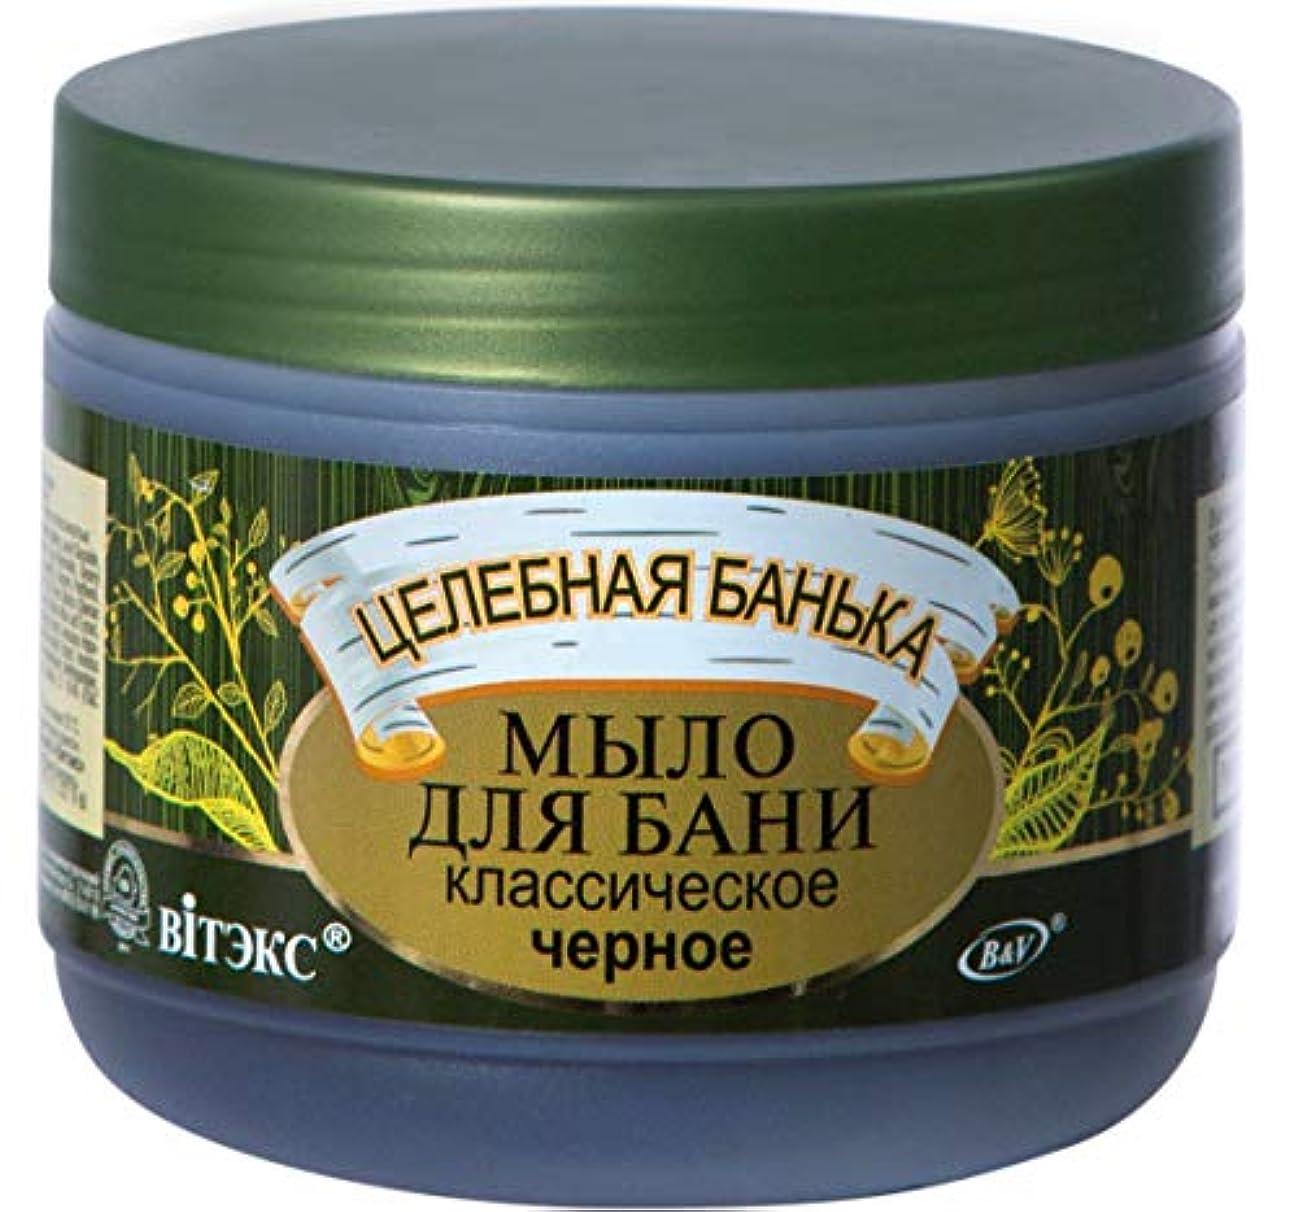 ジャンルメディアヨーロッパBIELITA & VITEX | Healing Bath | Classic Black Soap with 7 Natural Extracts